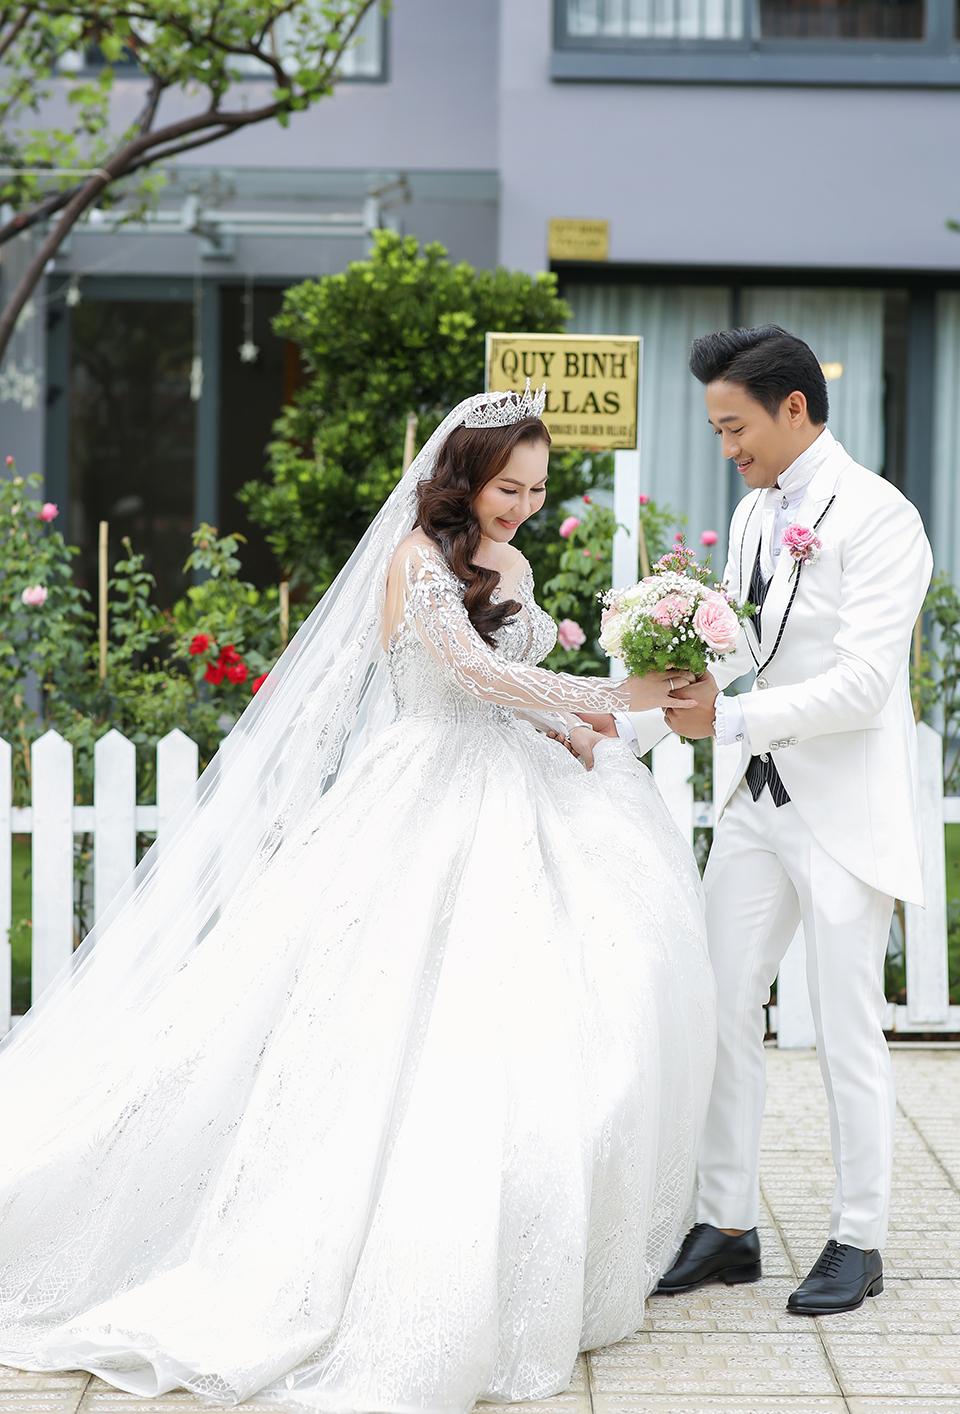 Quý Bình lái xe sang, làm hành động bất ngờ với vợ doanh nhân trong tiệc cưới ở Phú Quốc - 6